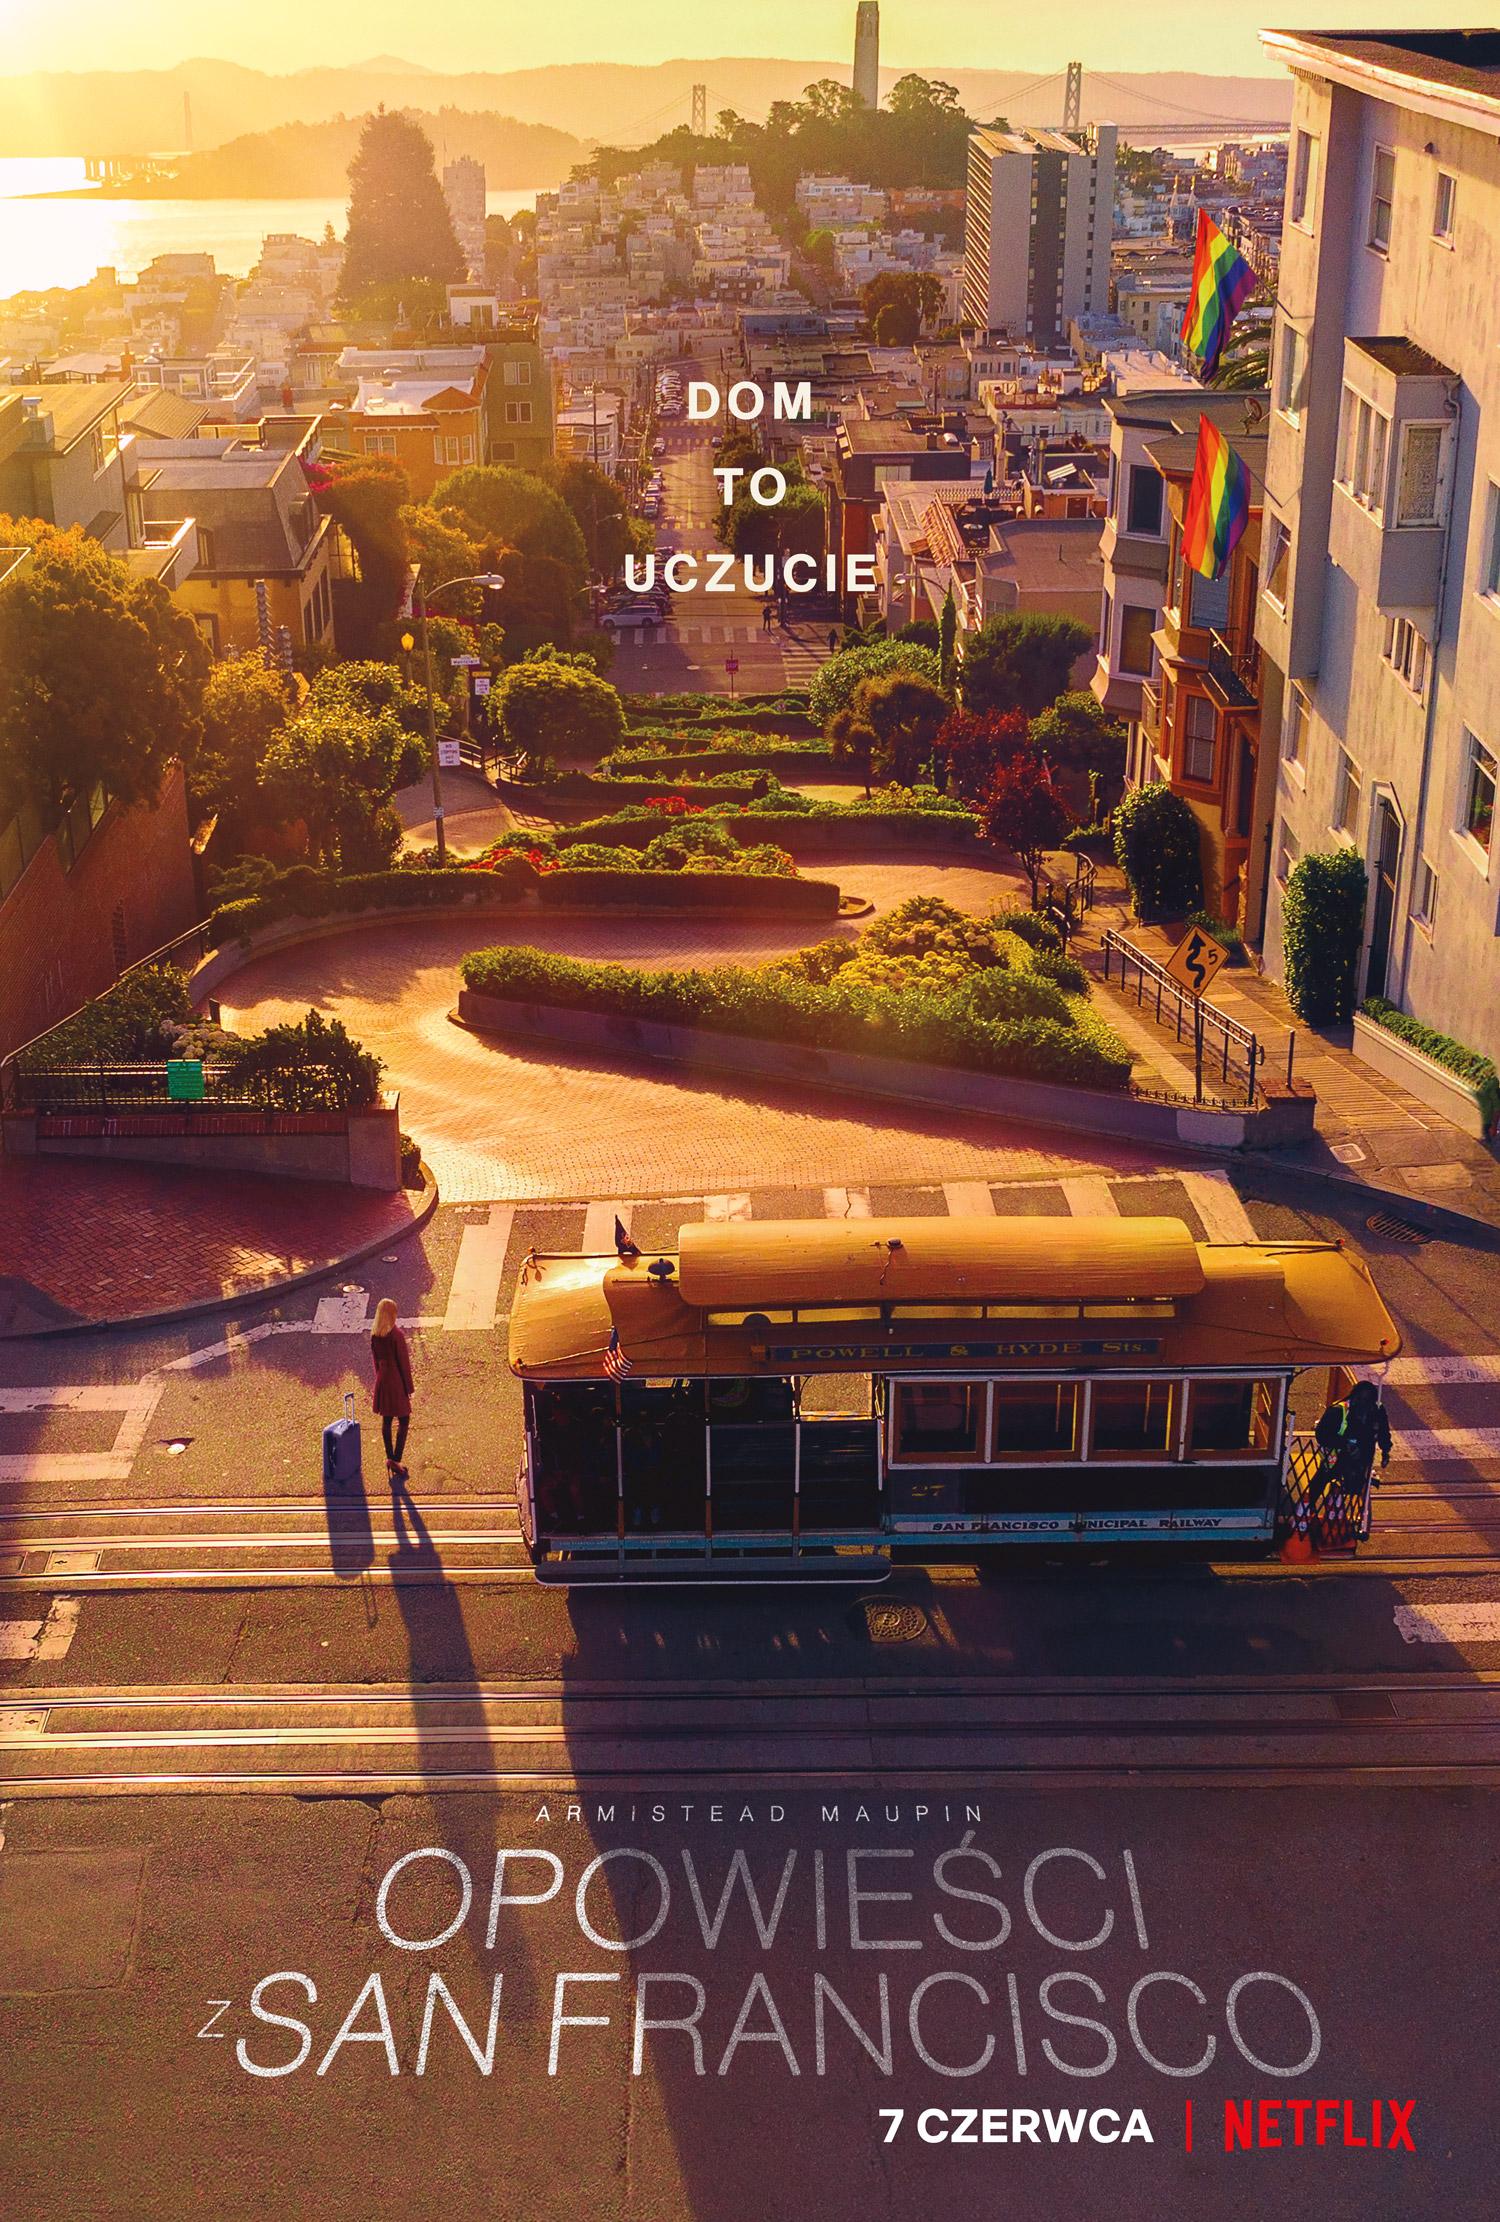 Opowieści z San Francisco